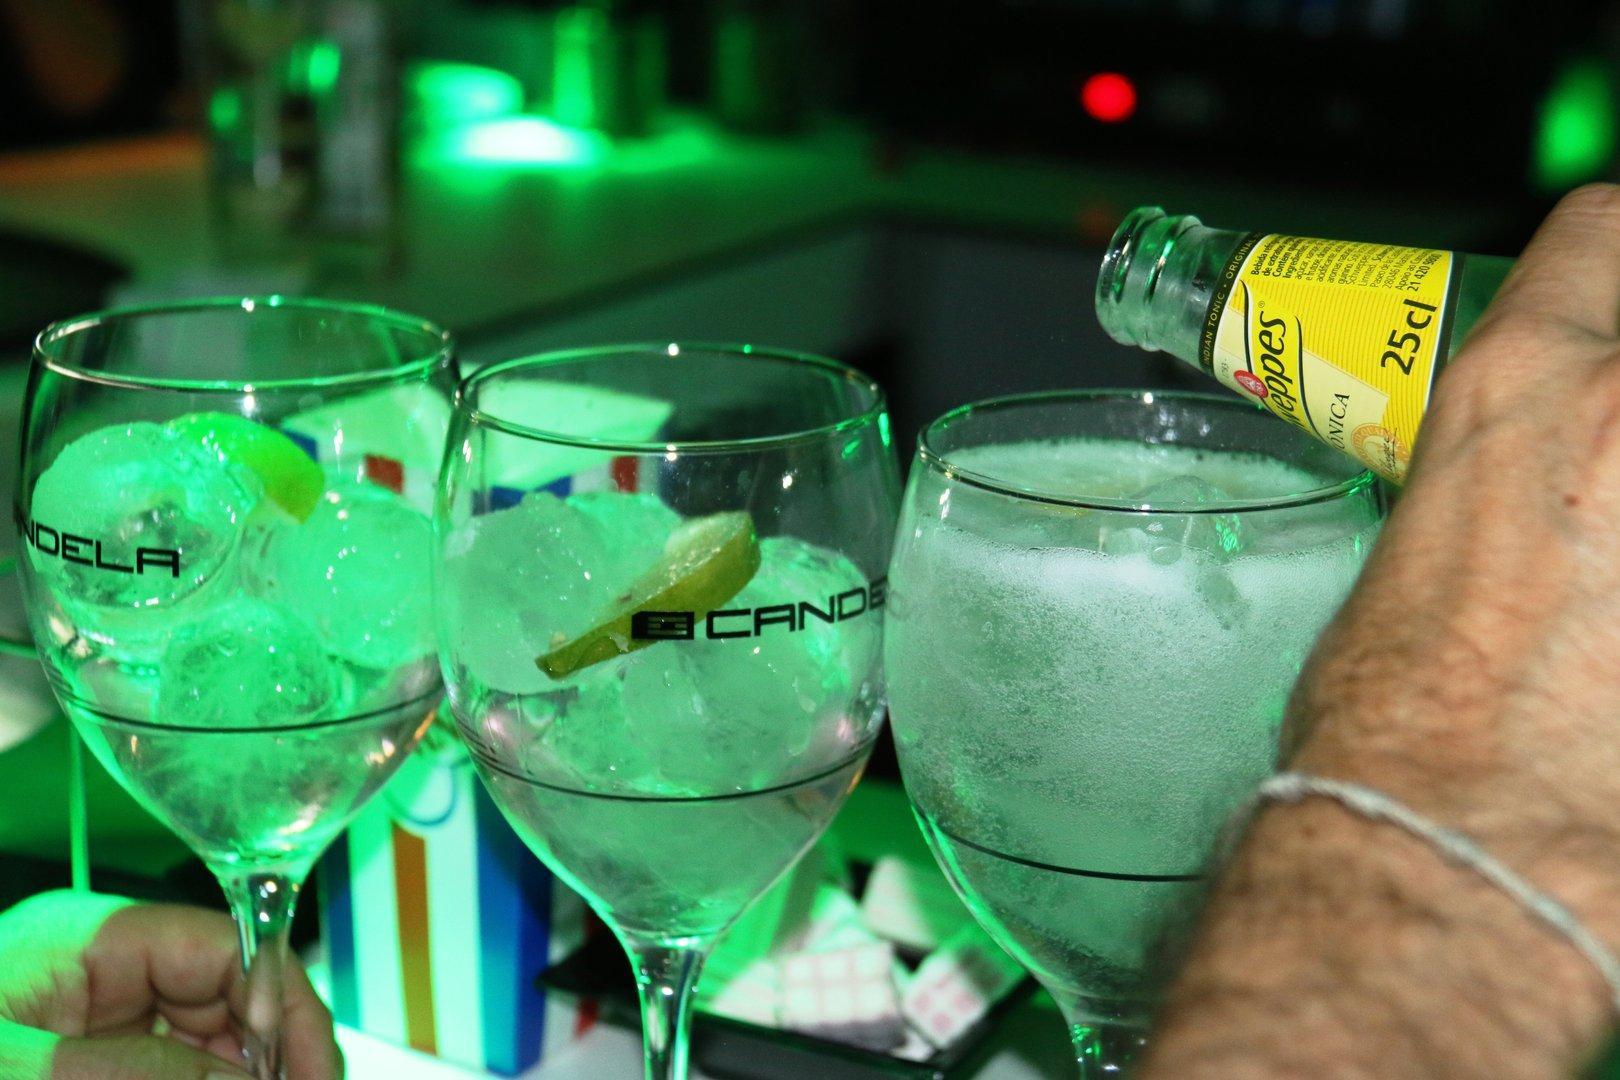 Aniversario de Pub Candela 2016 en Archena